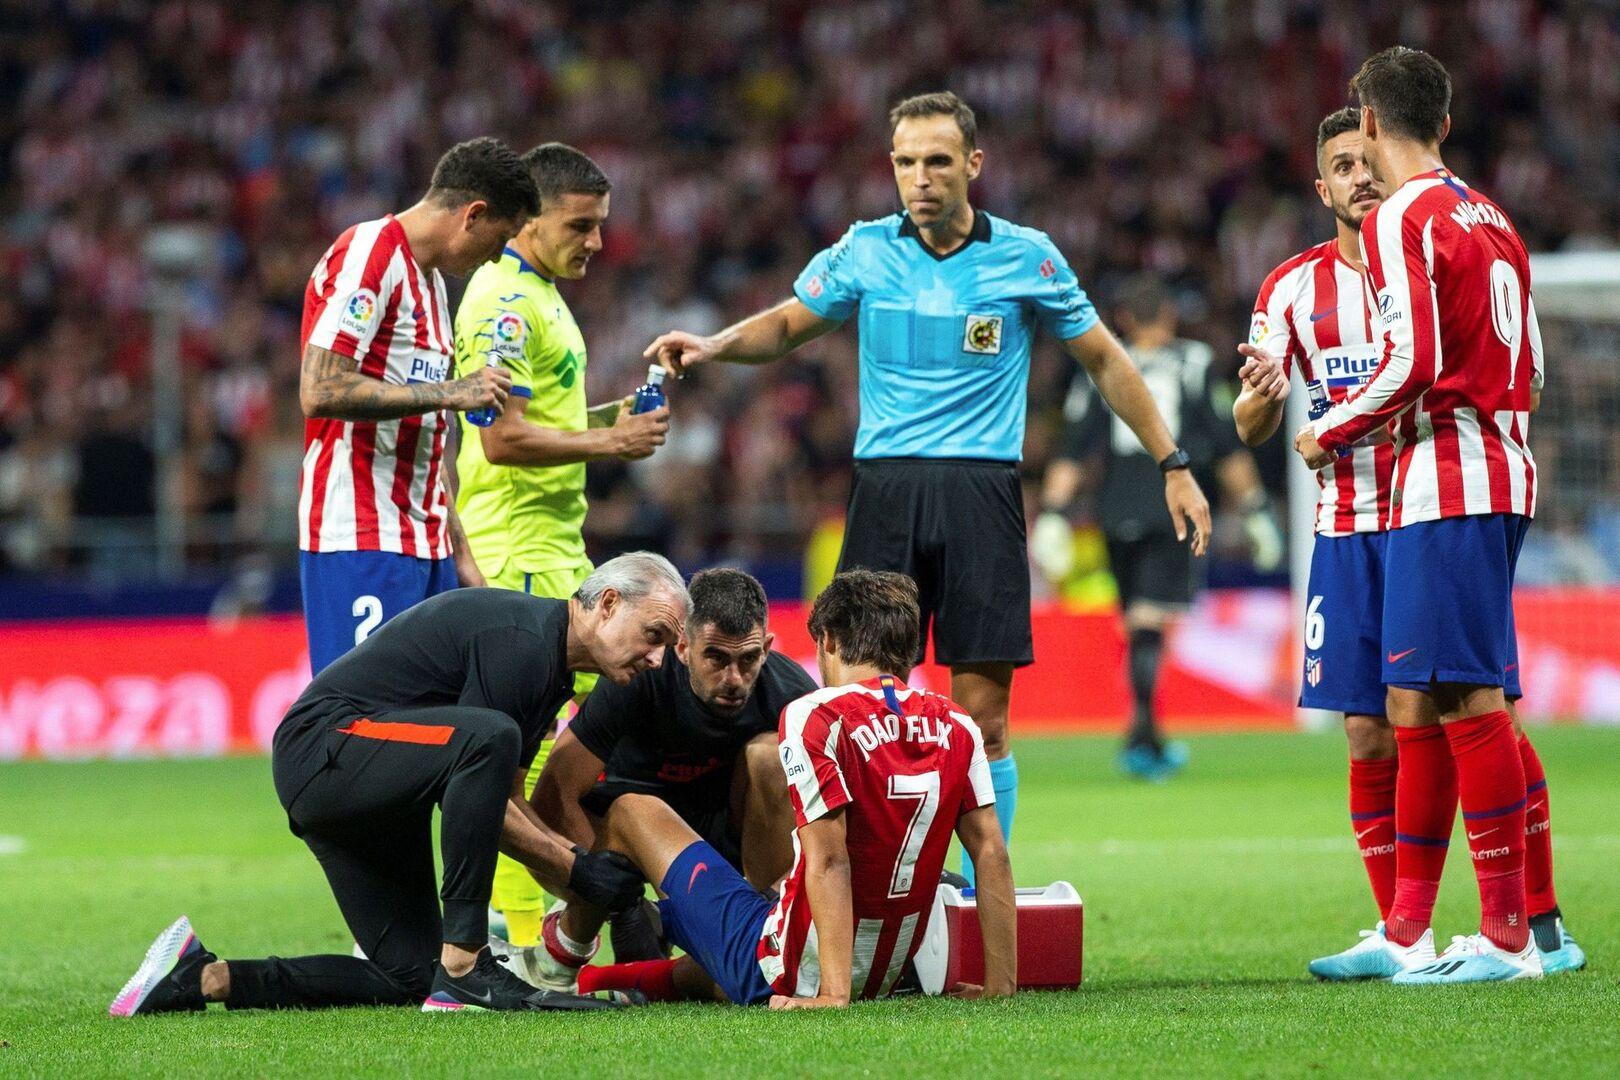 El Atlético mantiene su esencia con una sufrida victoria ante el Getafe (1-0)